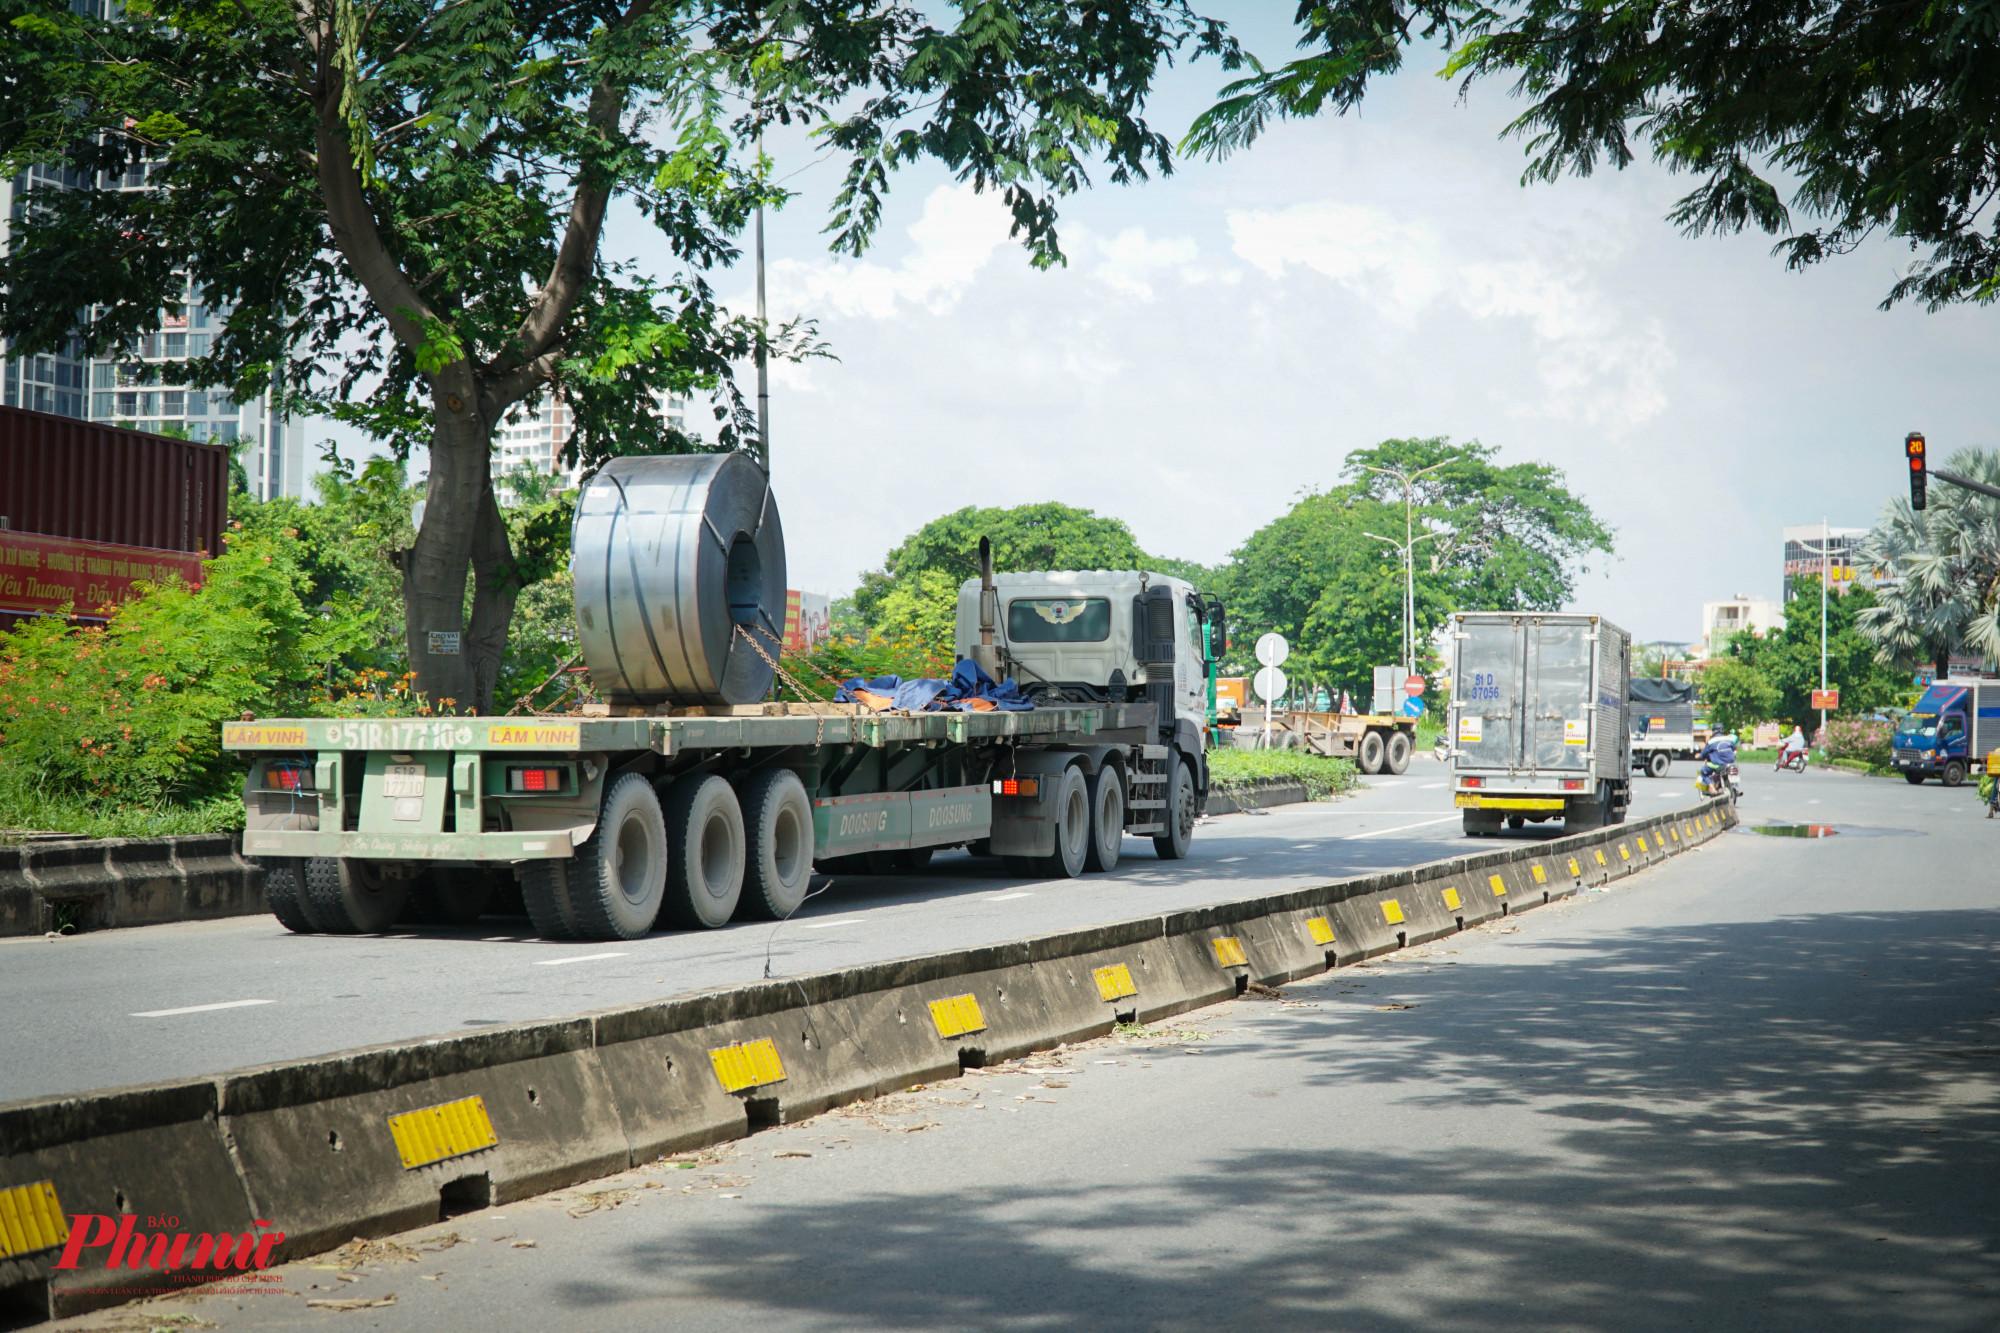 Khi đường được mở rộng, hiện tượng thắt cổ chai do lượng phương tiện lưu thông lớn sẽ được giải quyết